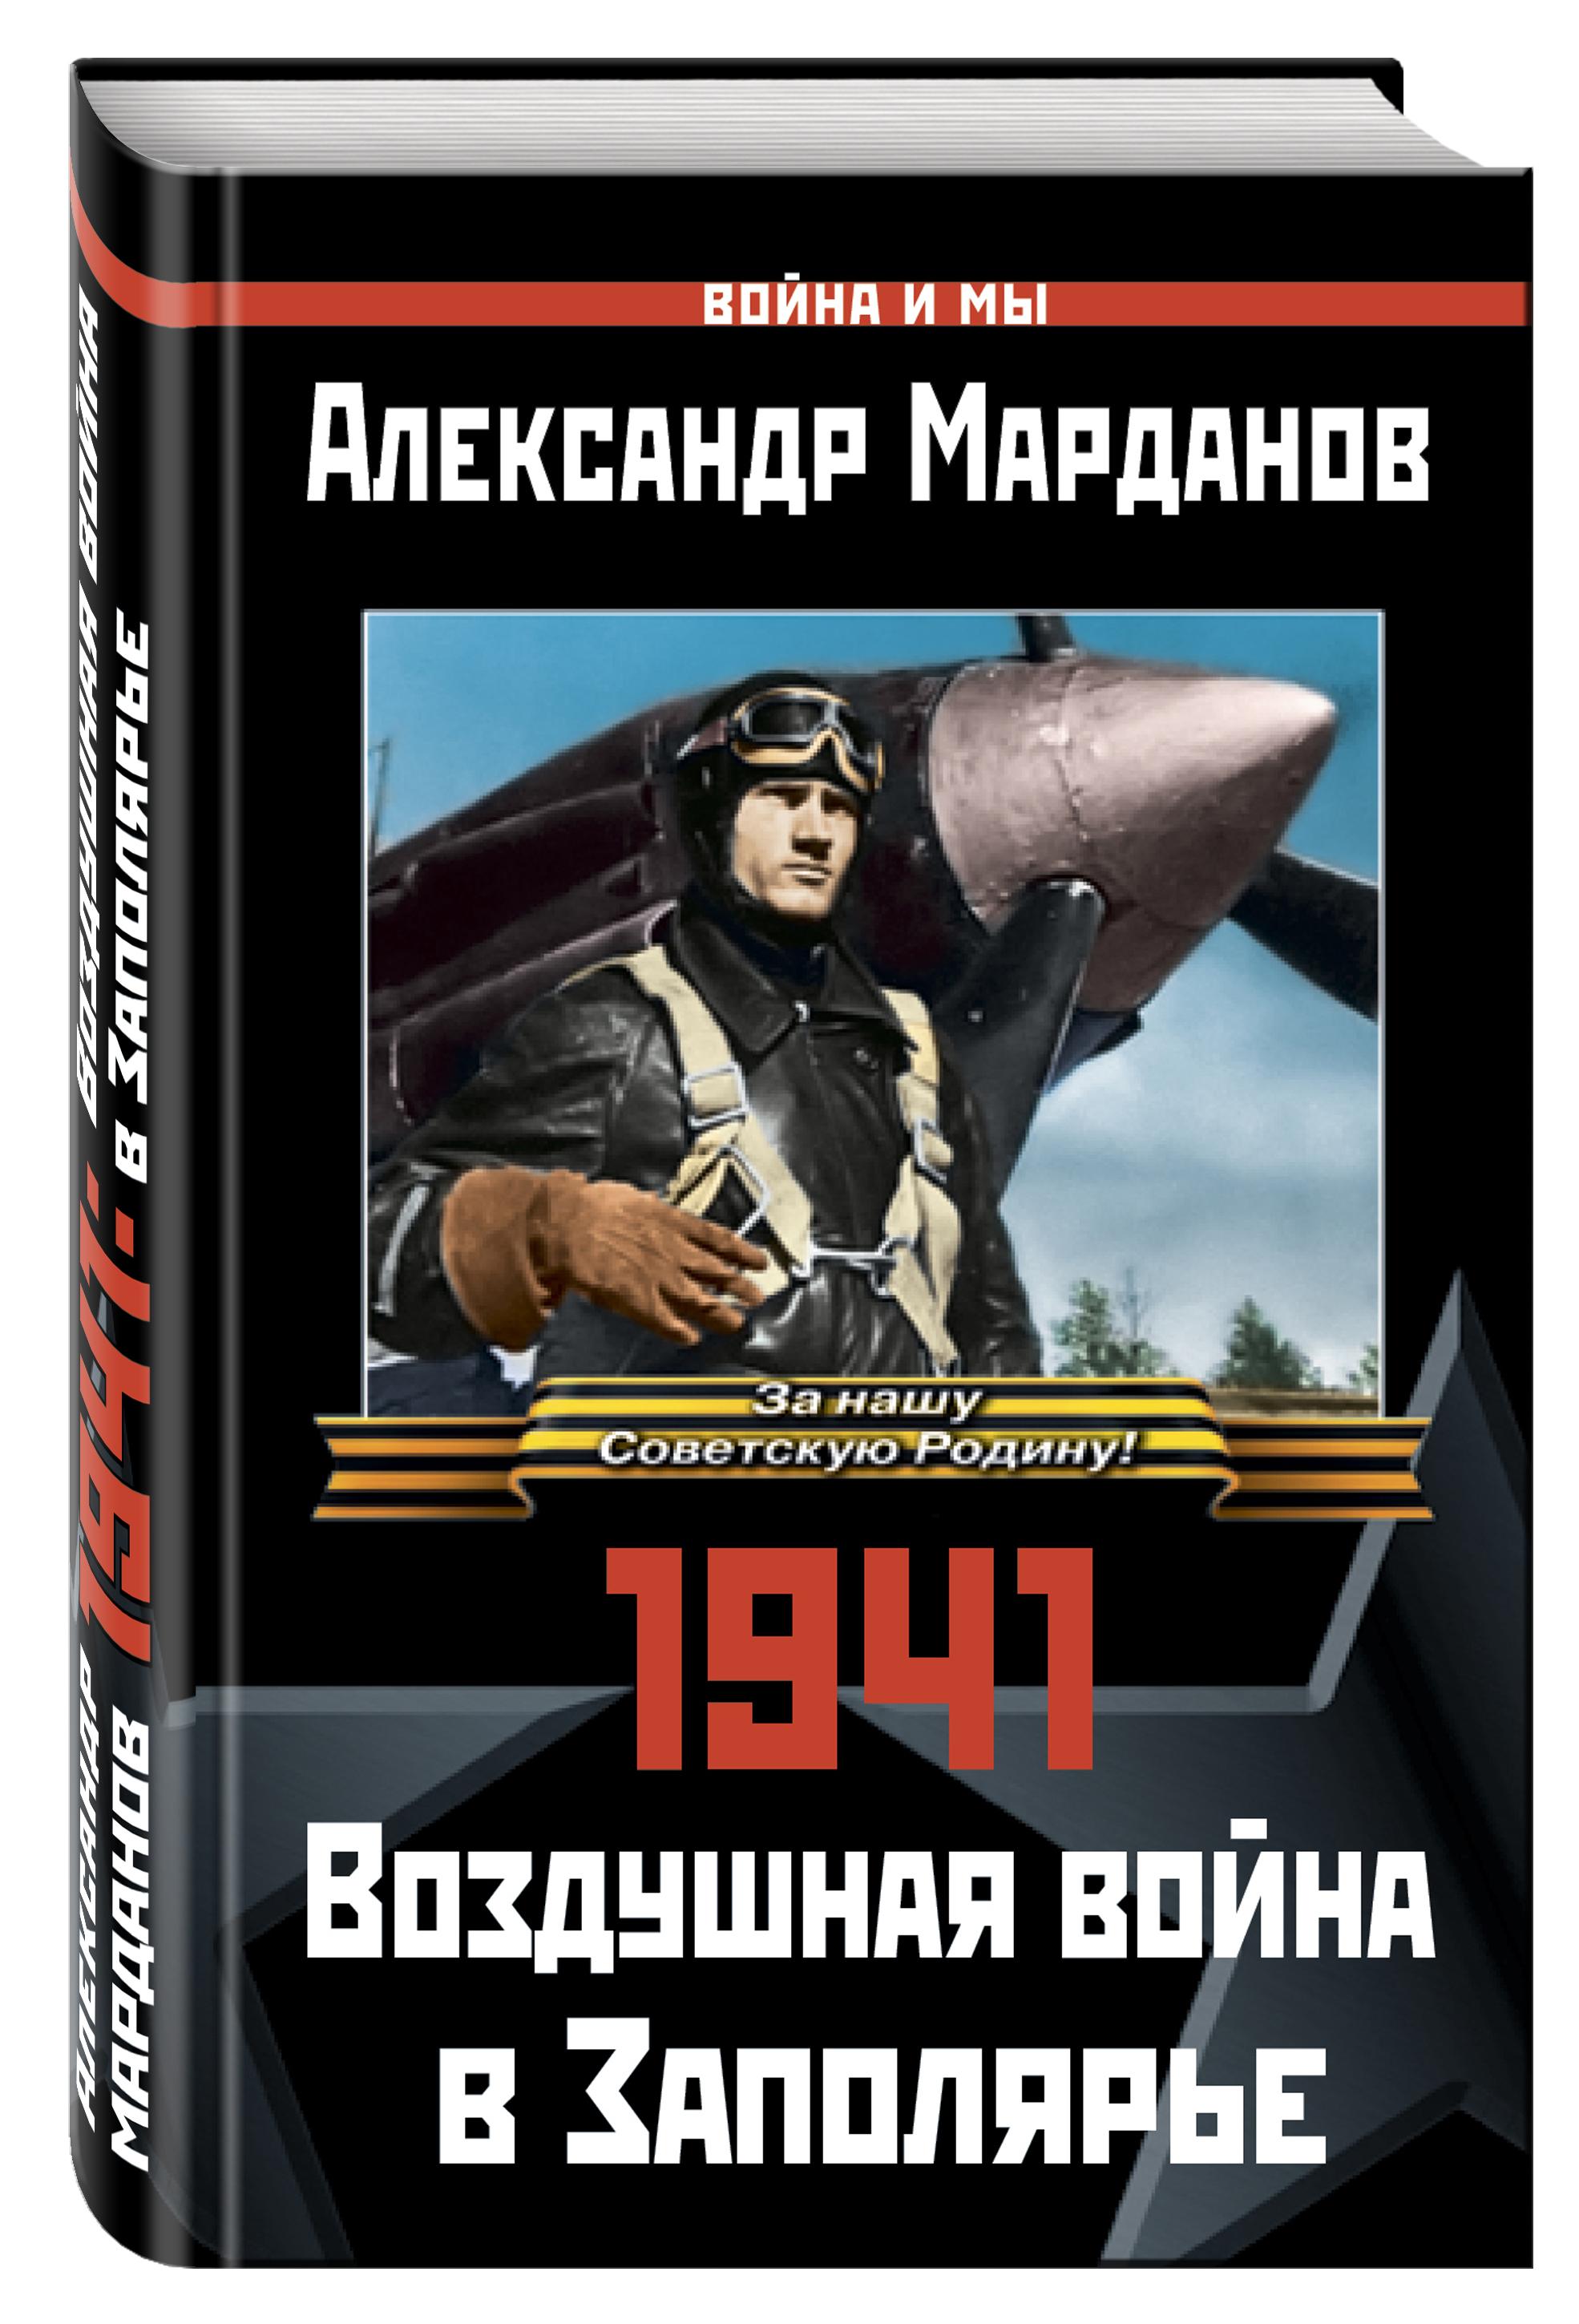 1941. Воздушная война в Заполярье